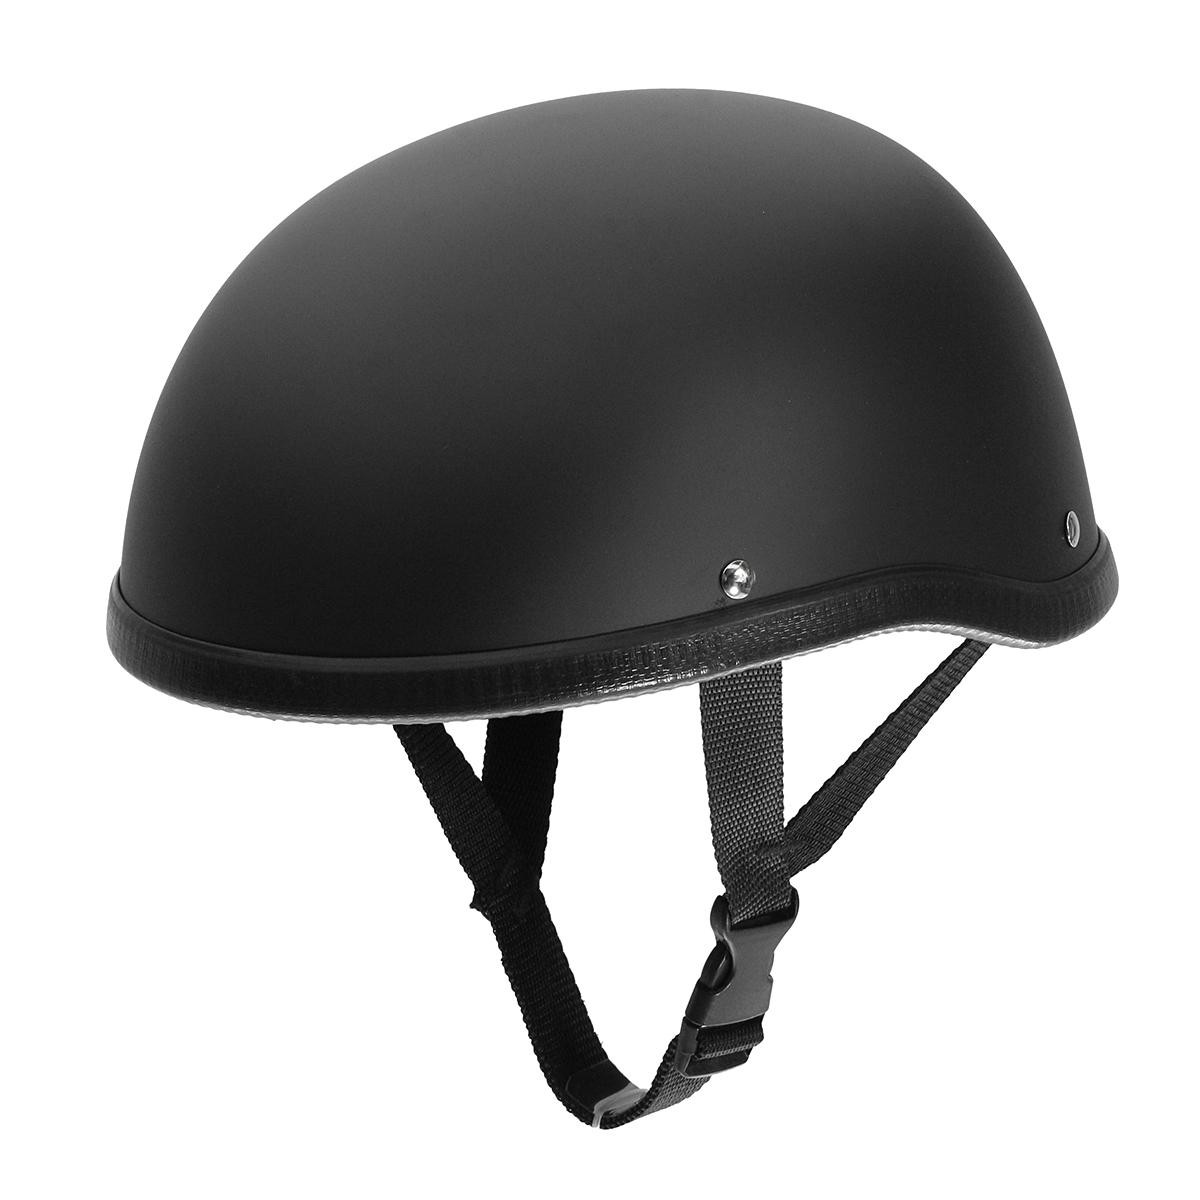 Free Online Home Design Motorcycle Helmet Vintage Half Face Cap Matte Black For